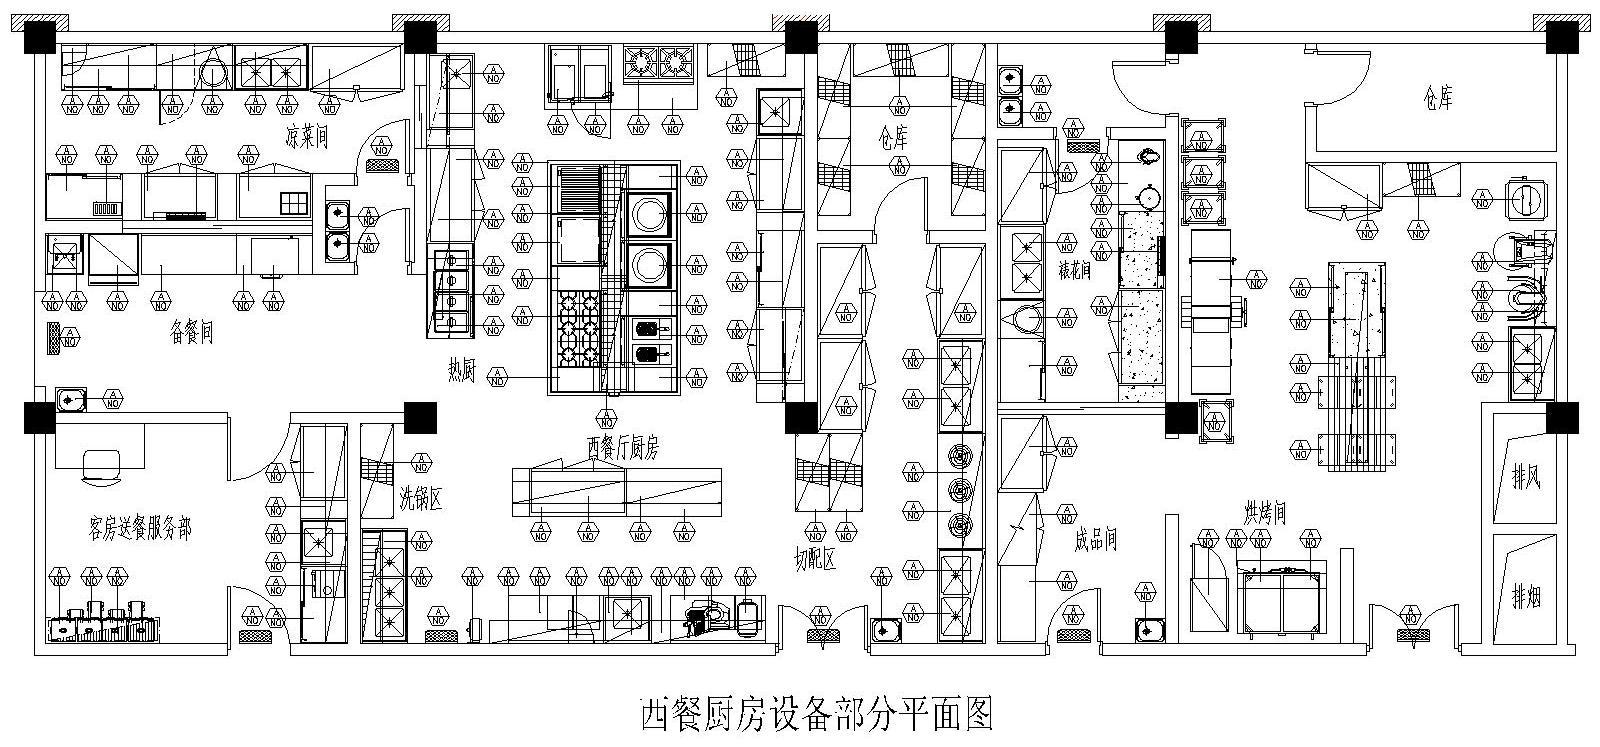 某五星级酒店厨房设备平面图